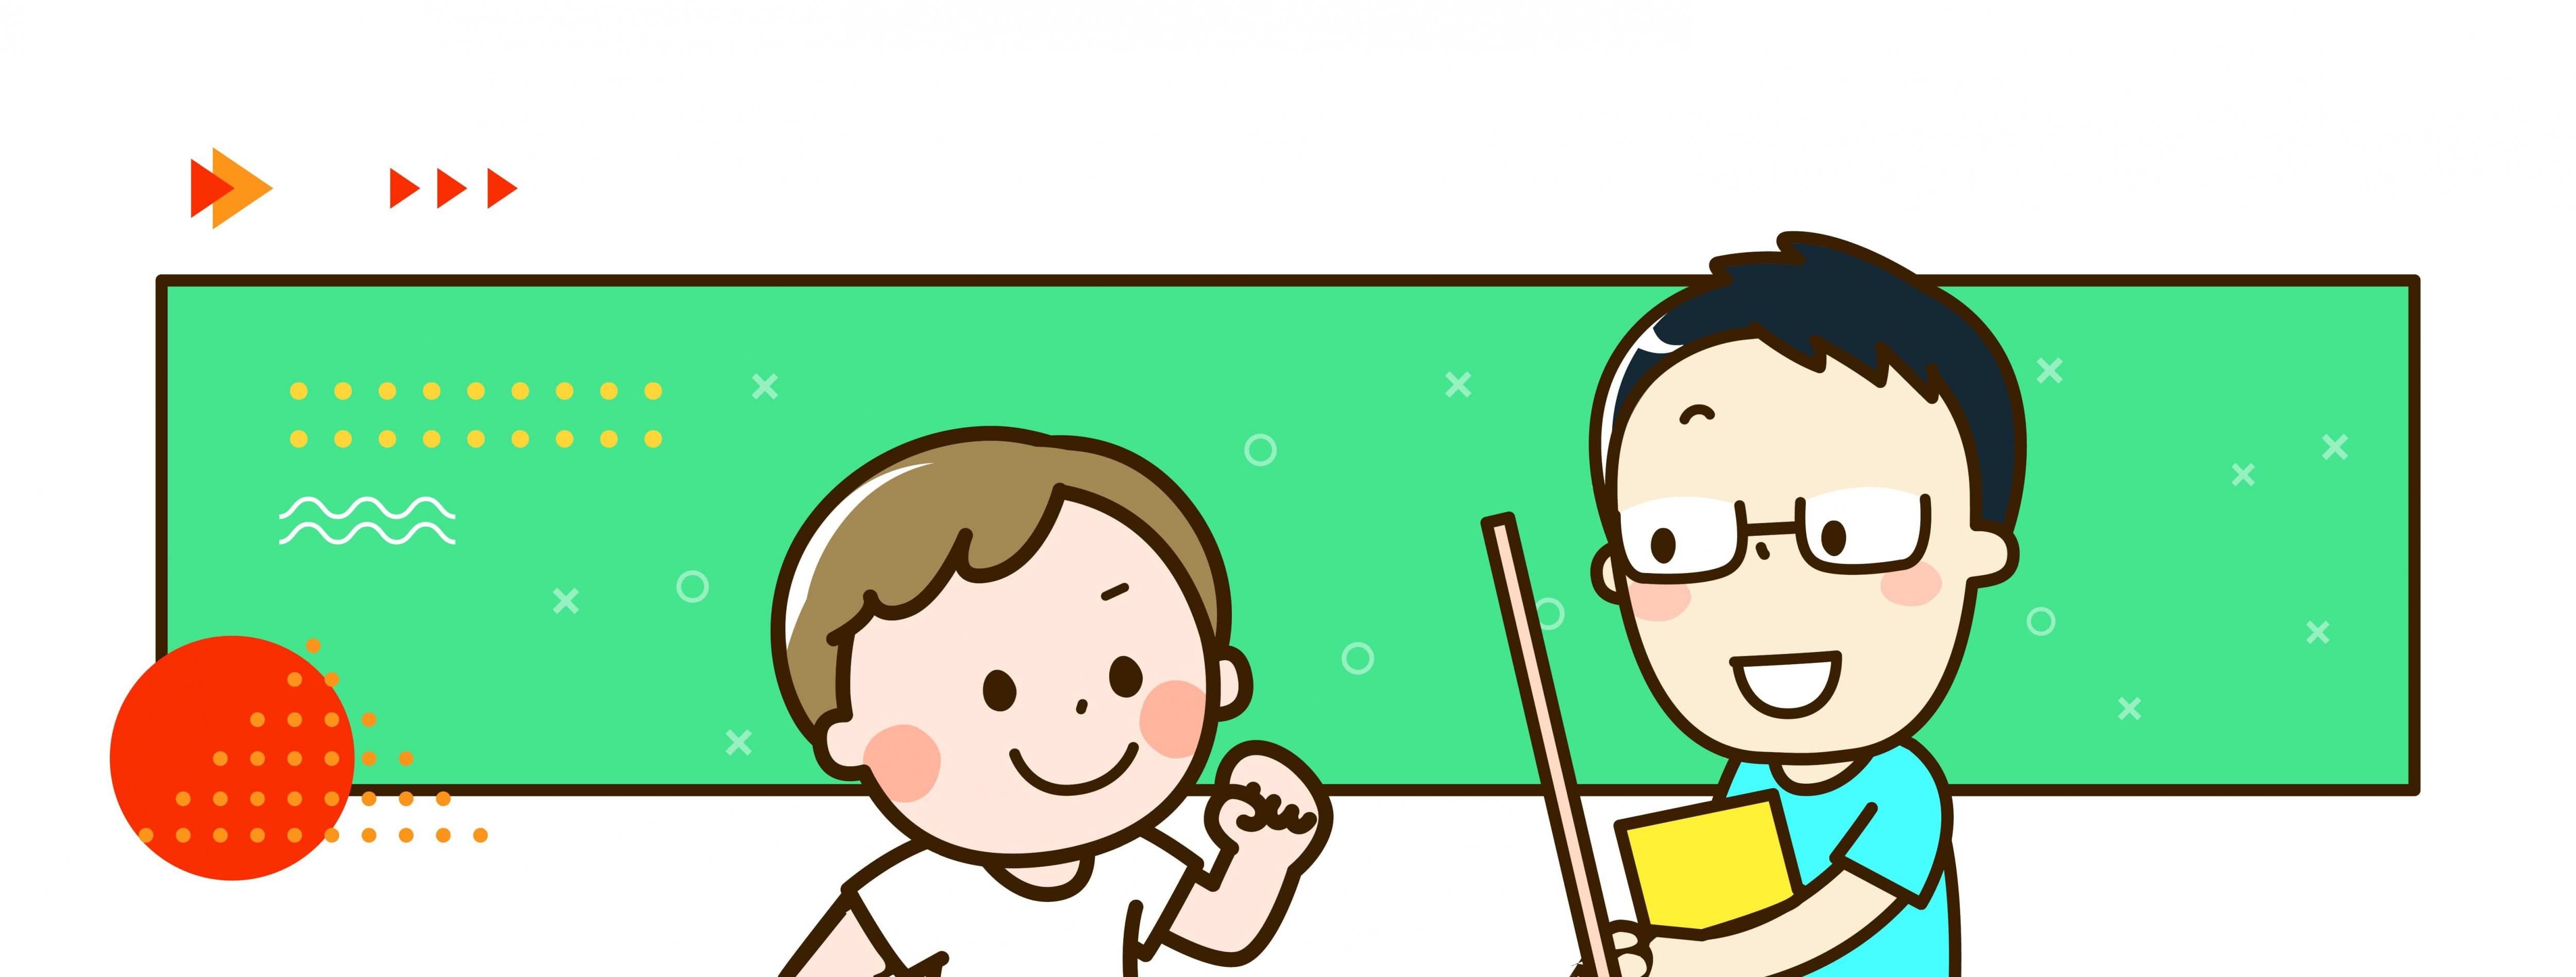 群筑初階兒童日文班的每位師資,  透過群筑的嚴格挑選,皆對於兒童日文抱有極大的熱忱,